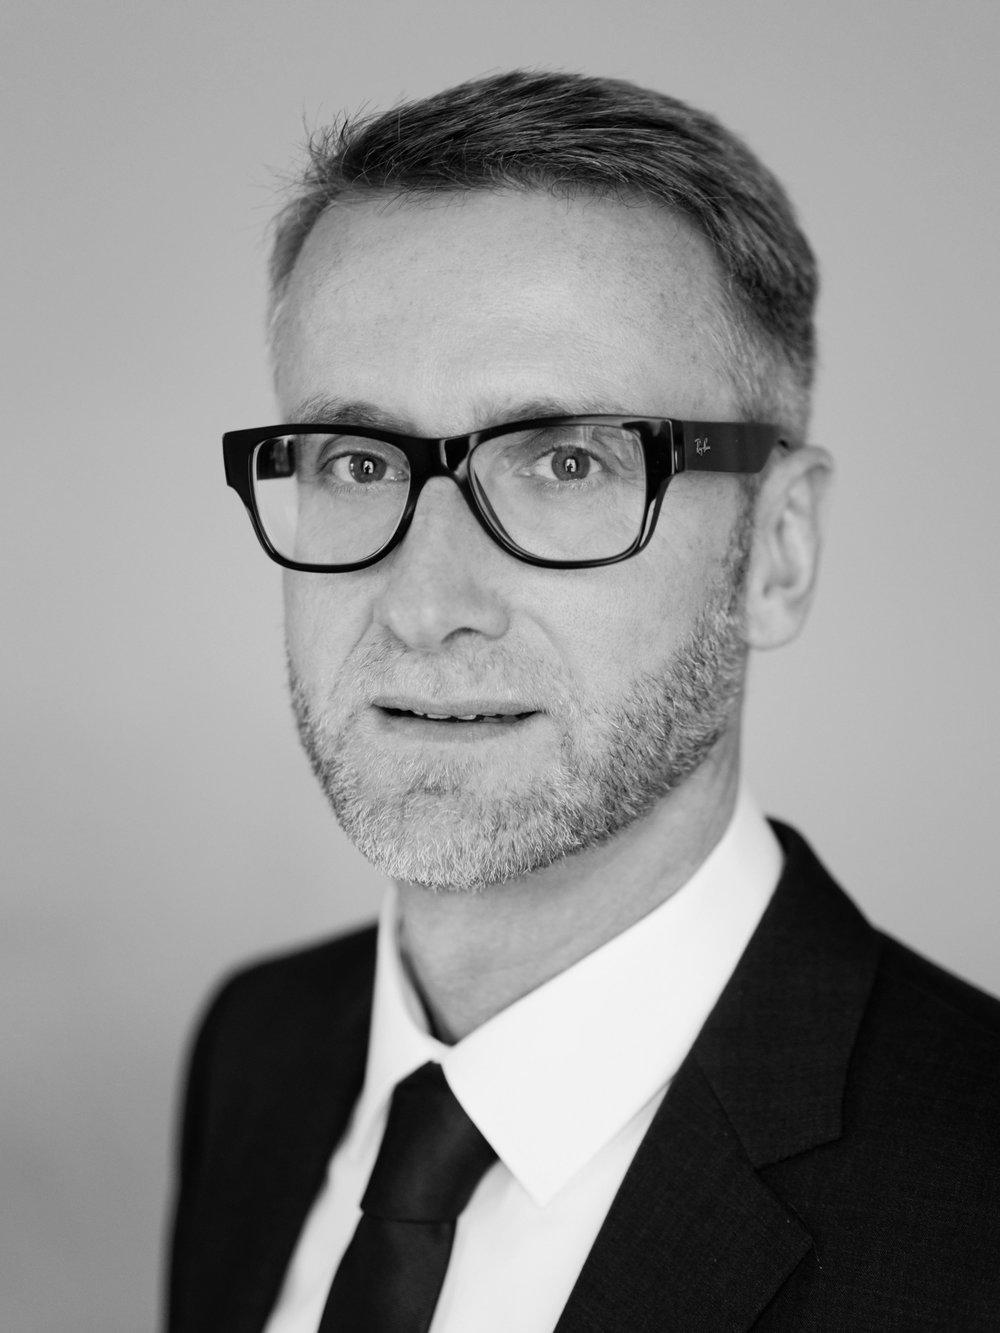 Business-Portrait-Fotograf in Bonn und Rheinbach | Bewerbungs und Image Portraits